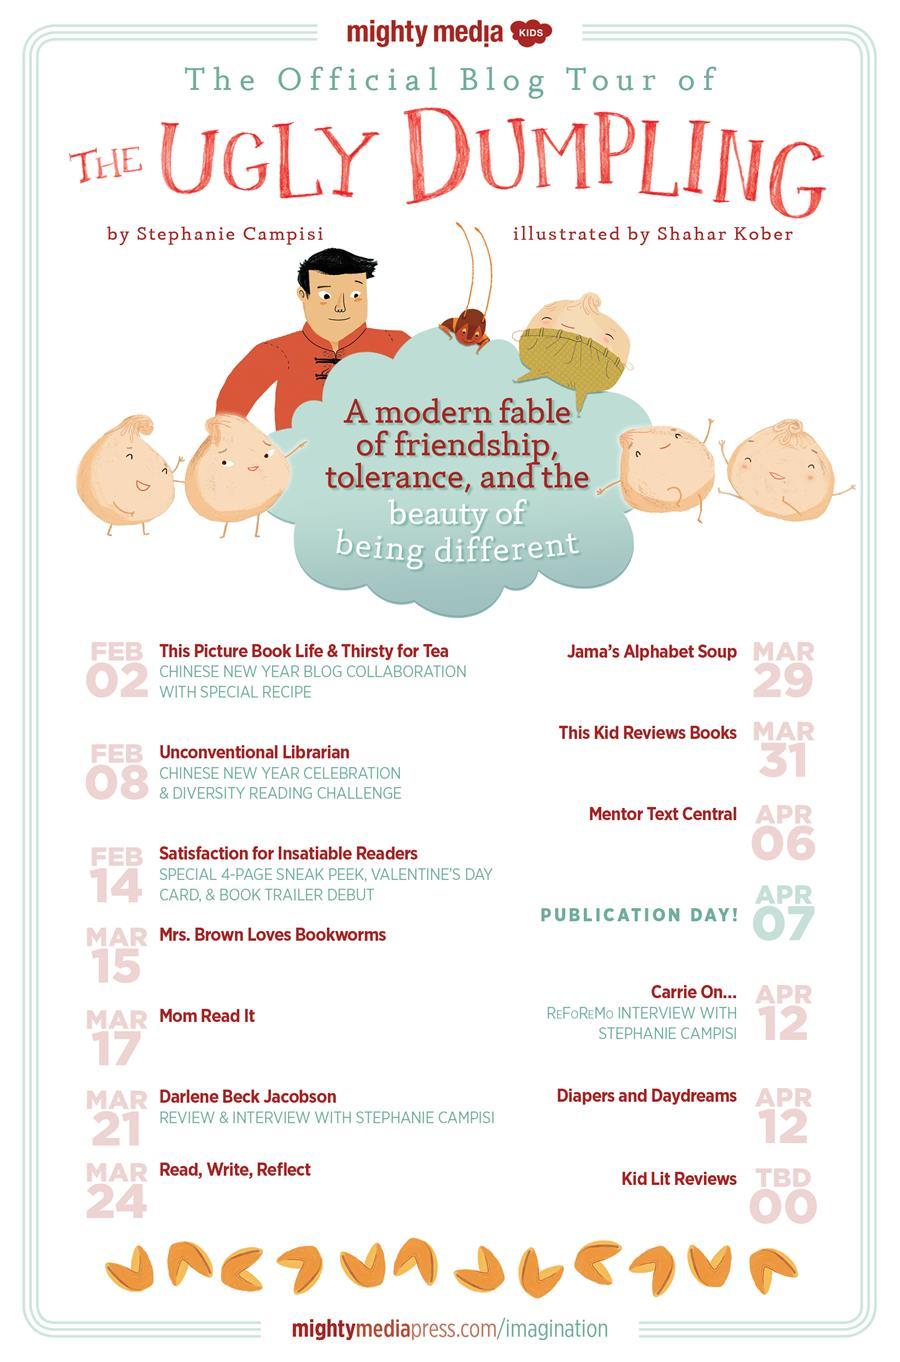 dumplingtour.05